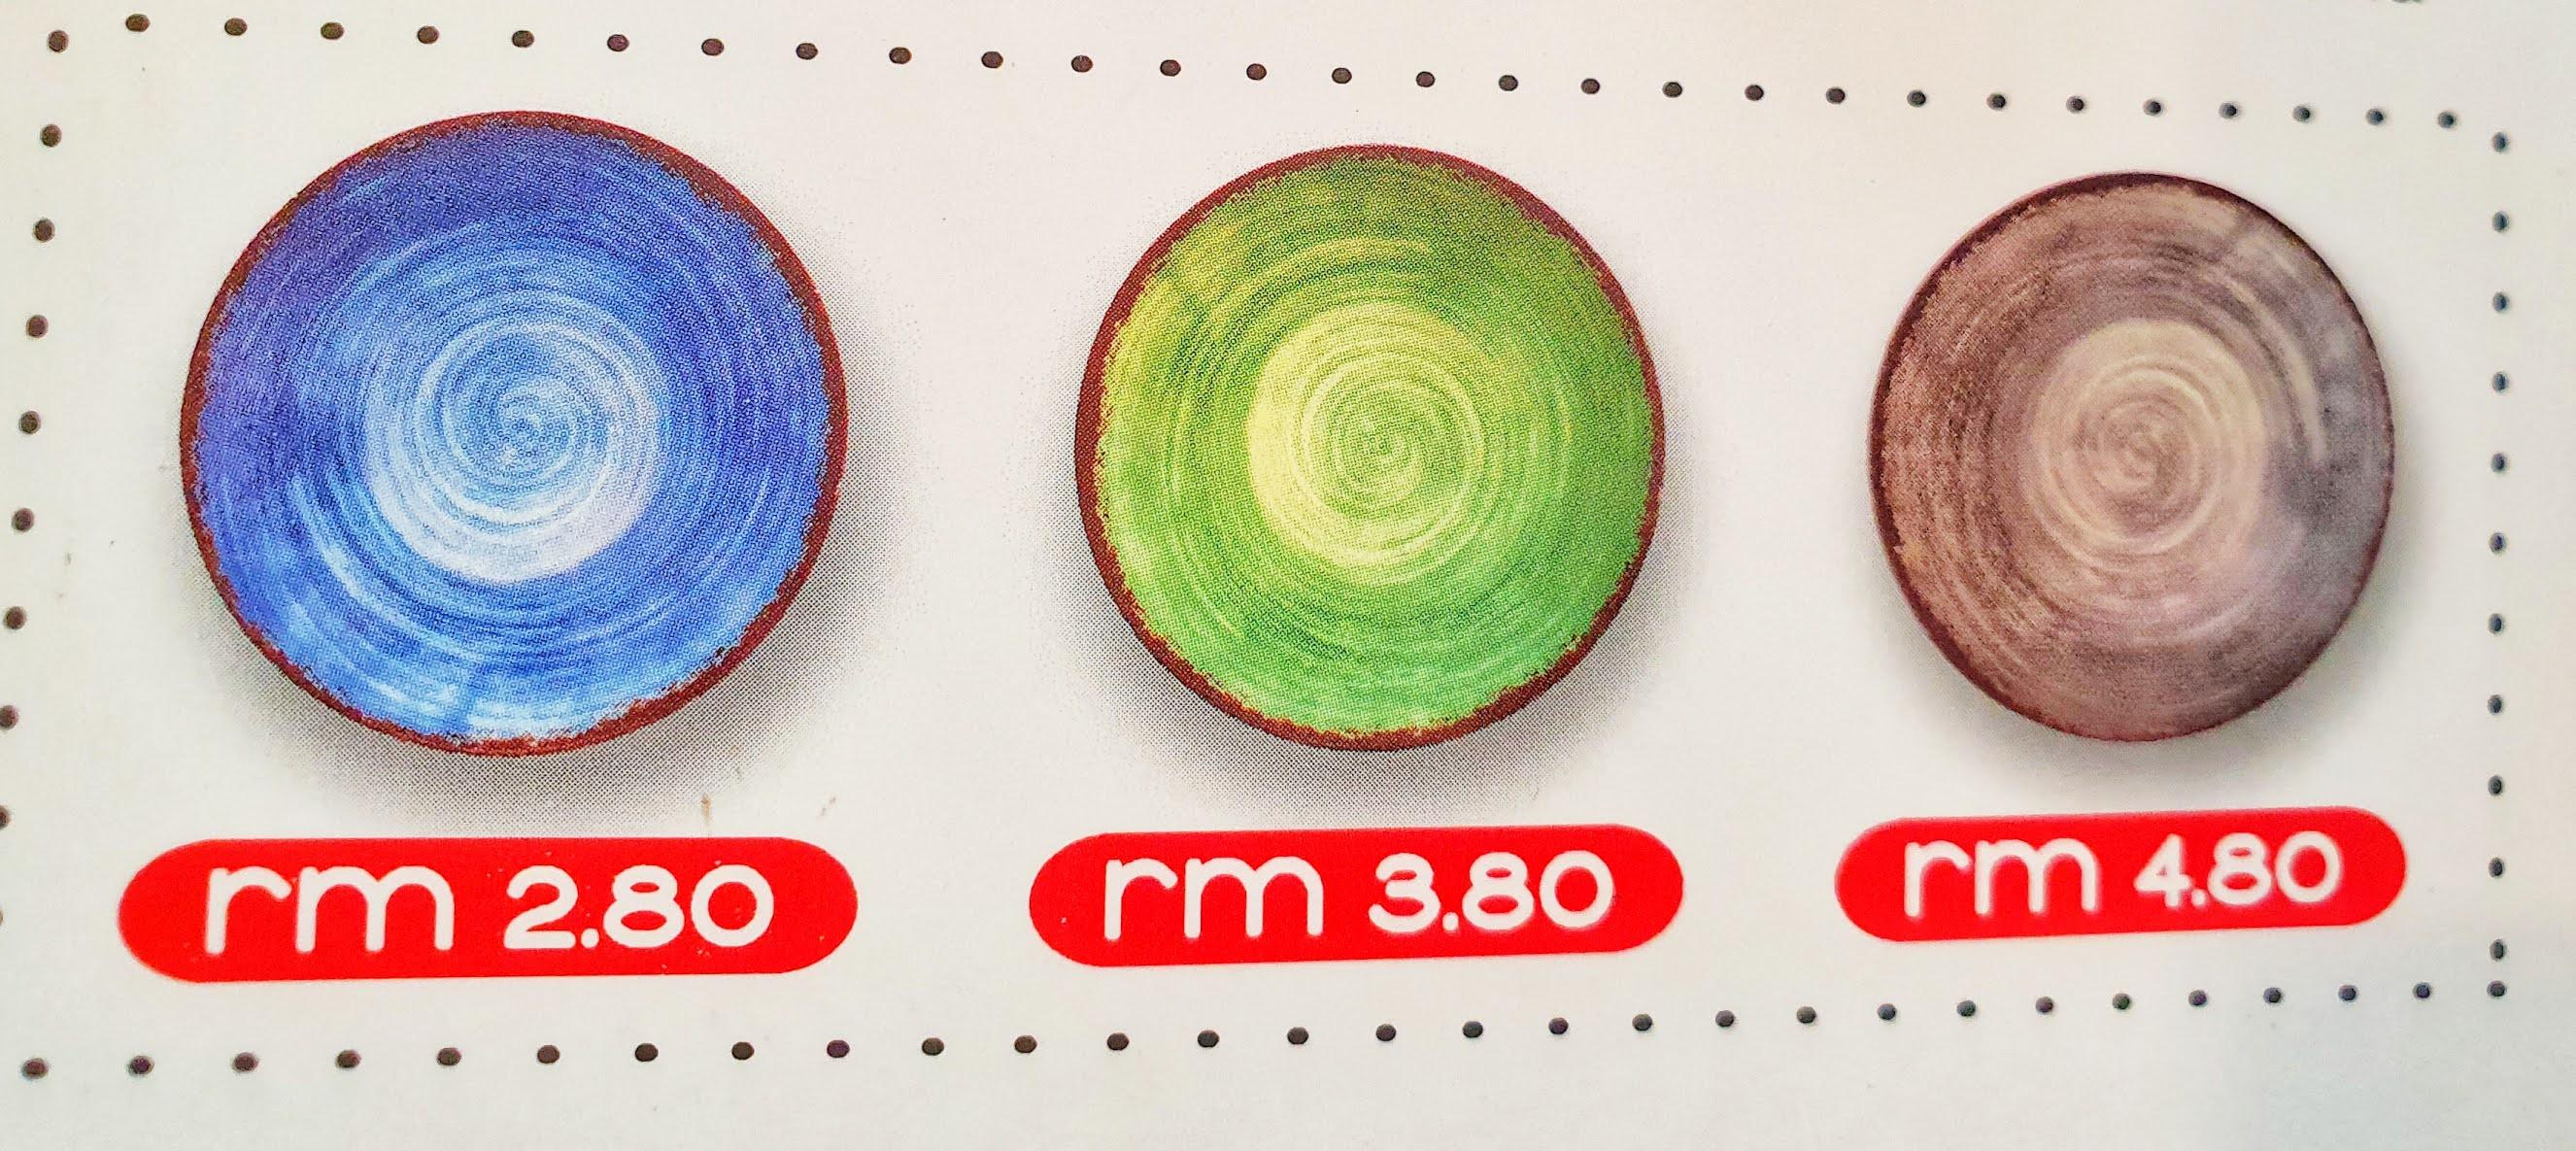 eat sushi price,